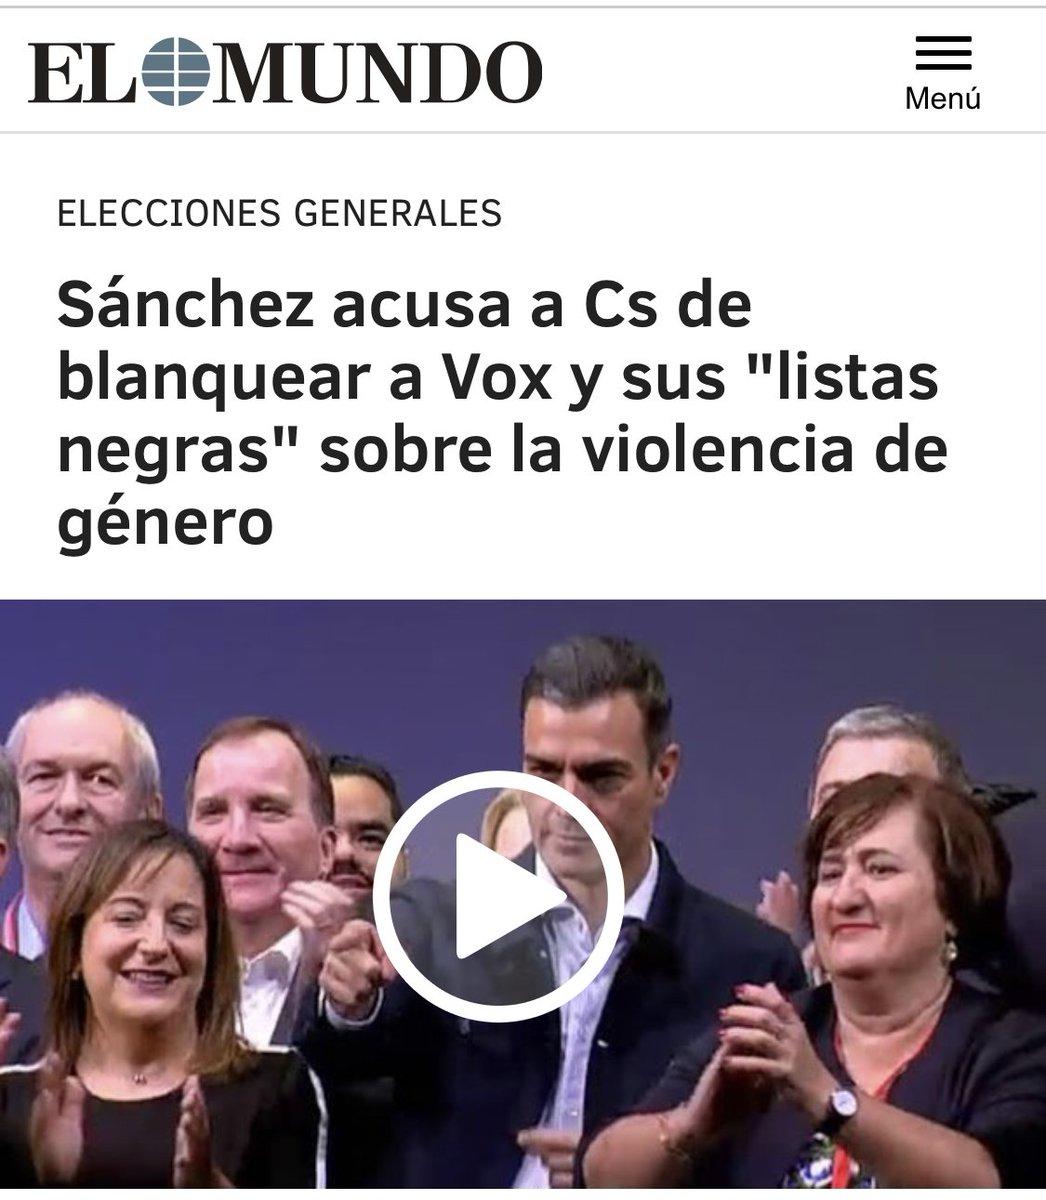 Quien llegó a Moncloa blanqueando los historia de los pro etarras, los supremacistas/golpistas y los representantes de Maduro en España no tiene legitimidad para utilizar - además, falsamente-  el verbo blanquear. Sin vergüenza.